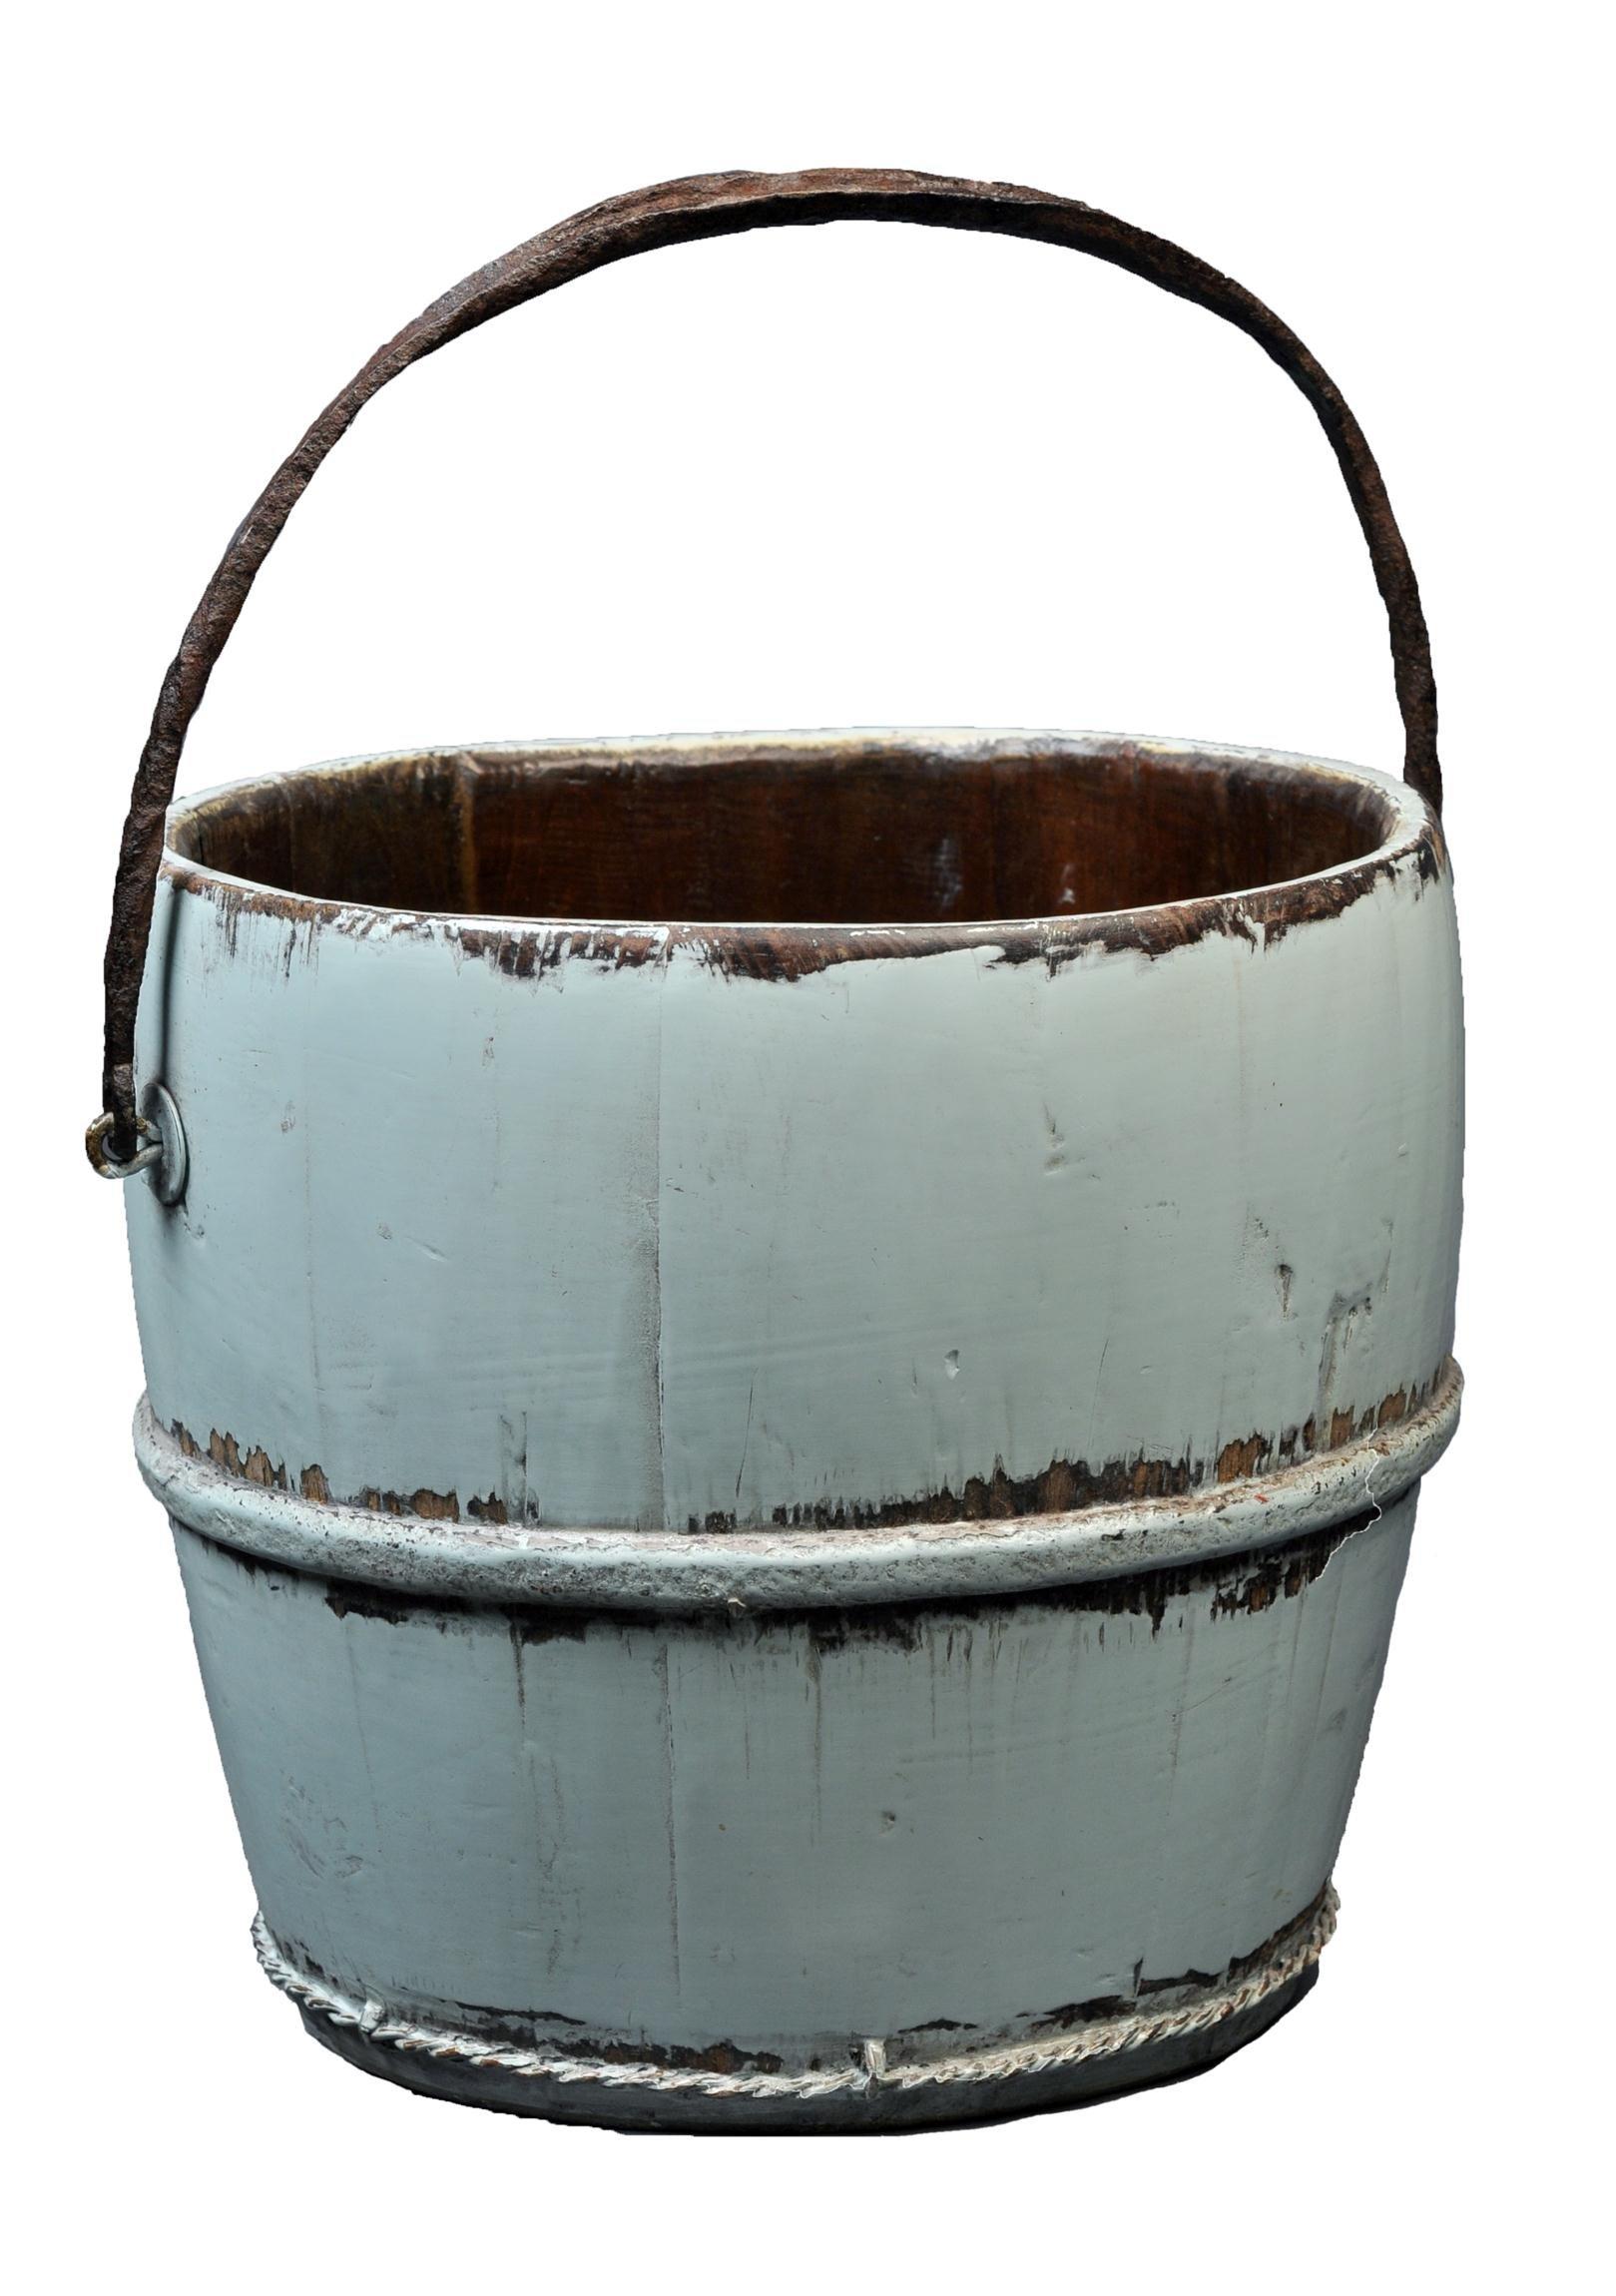 Antique Revival Wooden Kitchen Water Bucket, Aqua | eBay